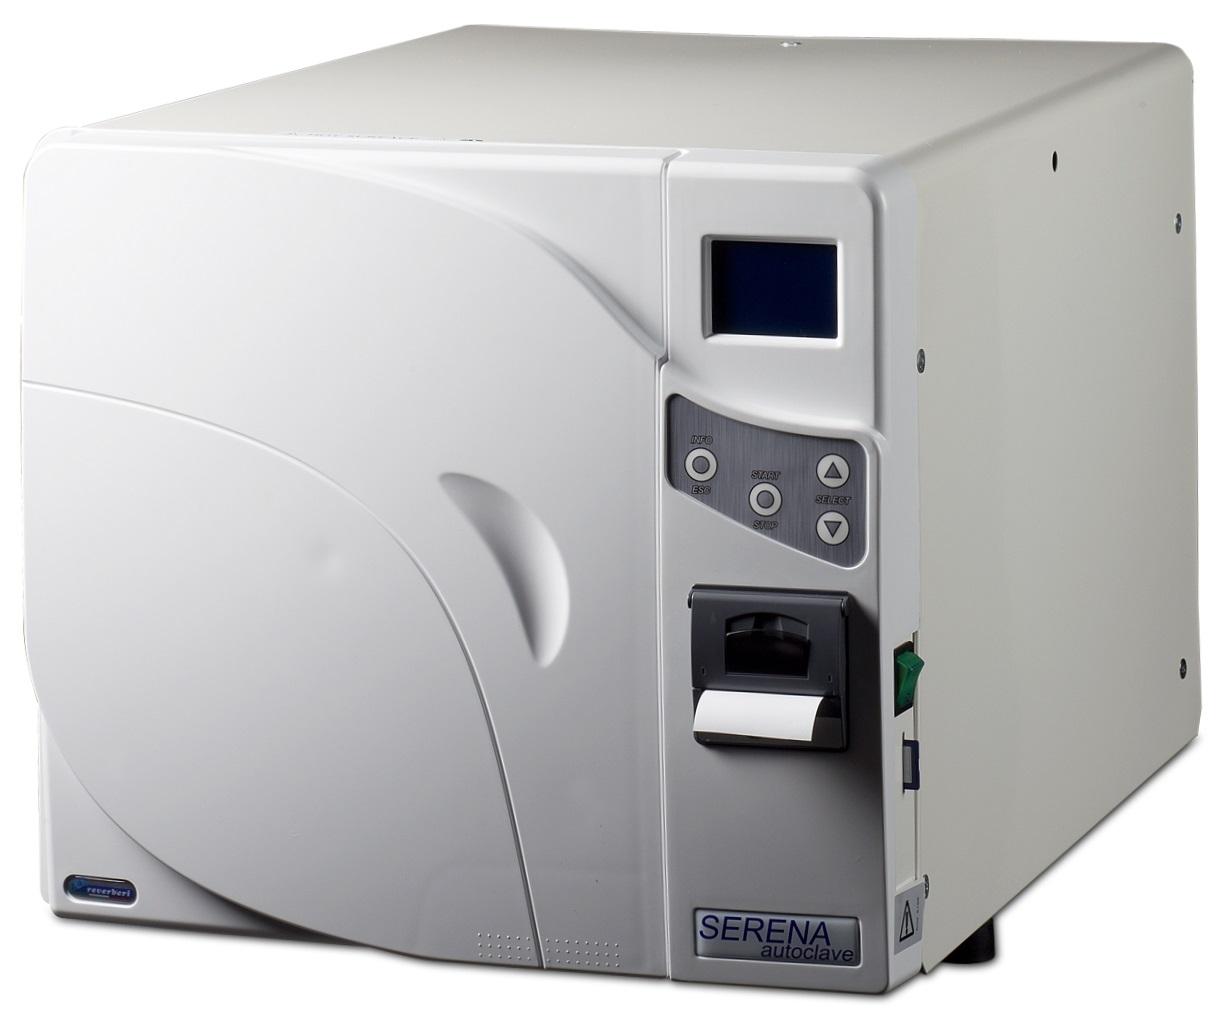 Autoclav Clasa sterilizare B, cu imprimanta incorporata  Serena B18 (Italia)